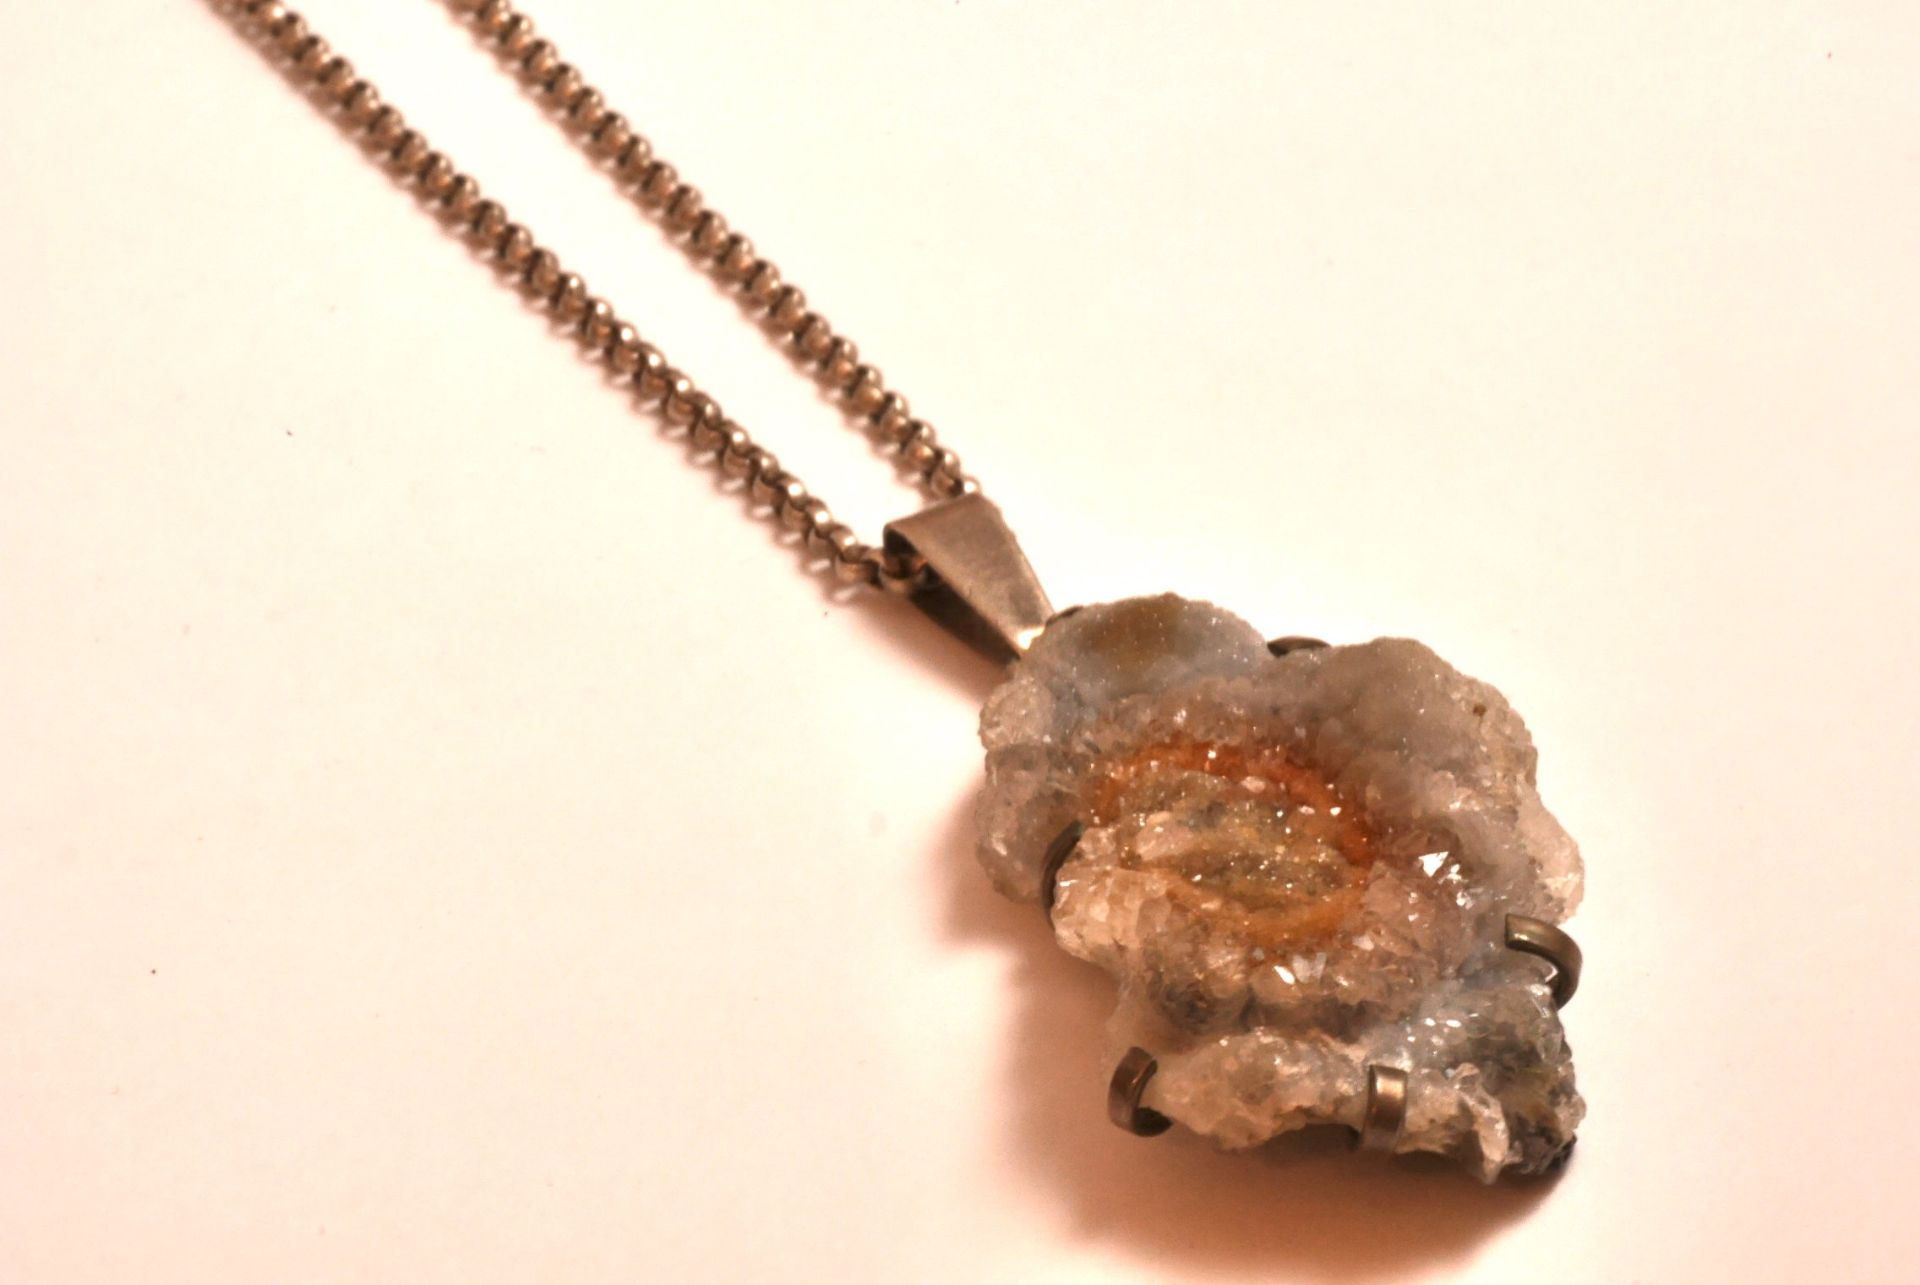 Tracht: Halskette Silber 835, mit Anhänger Gestein - Bild 4 aus 4